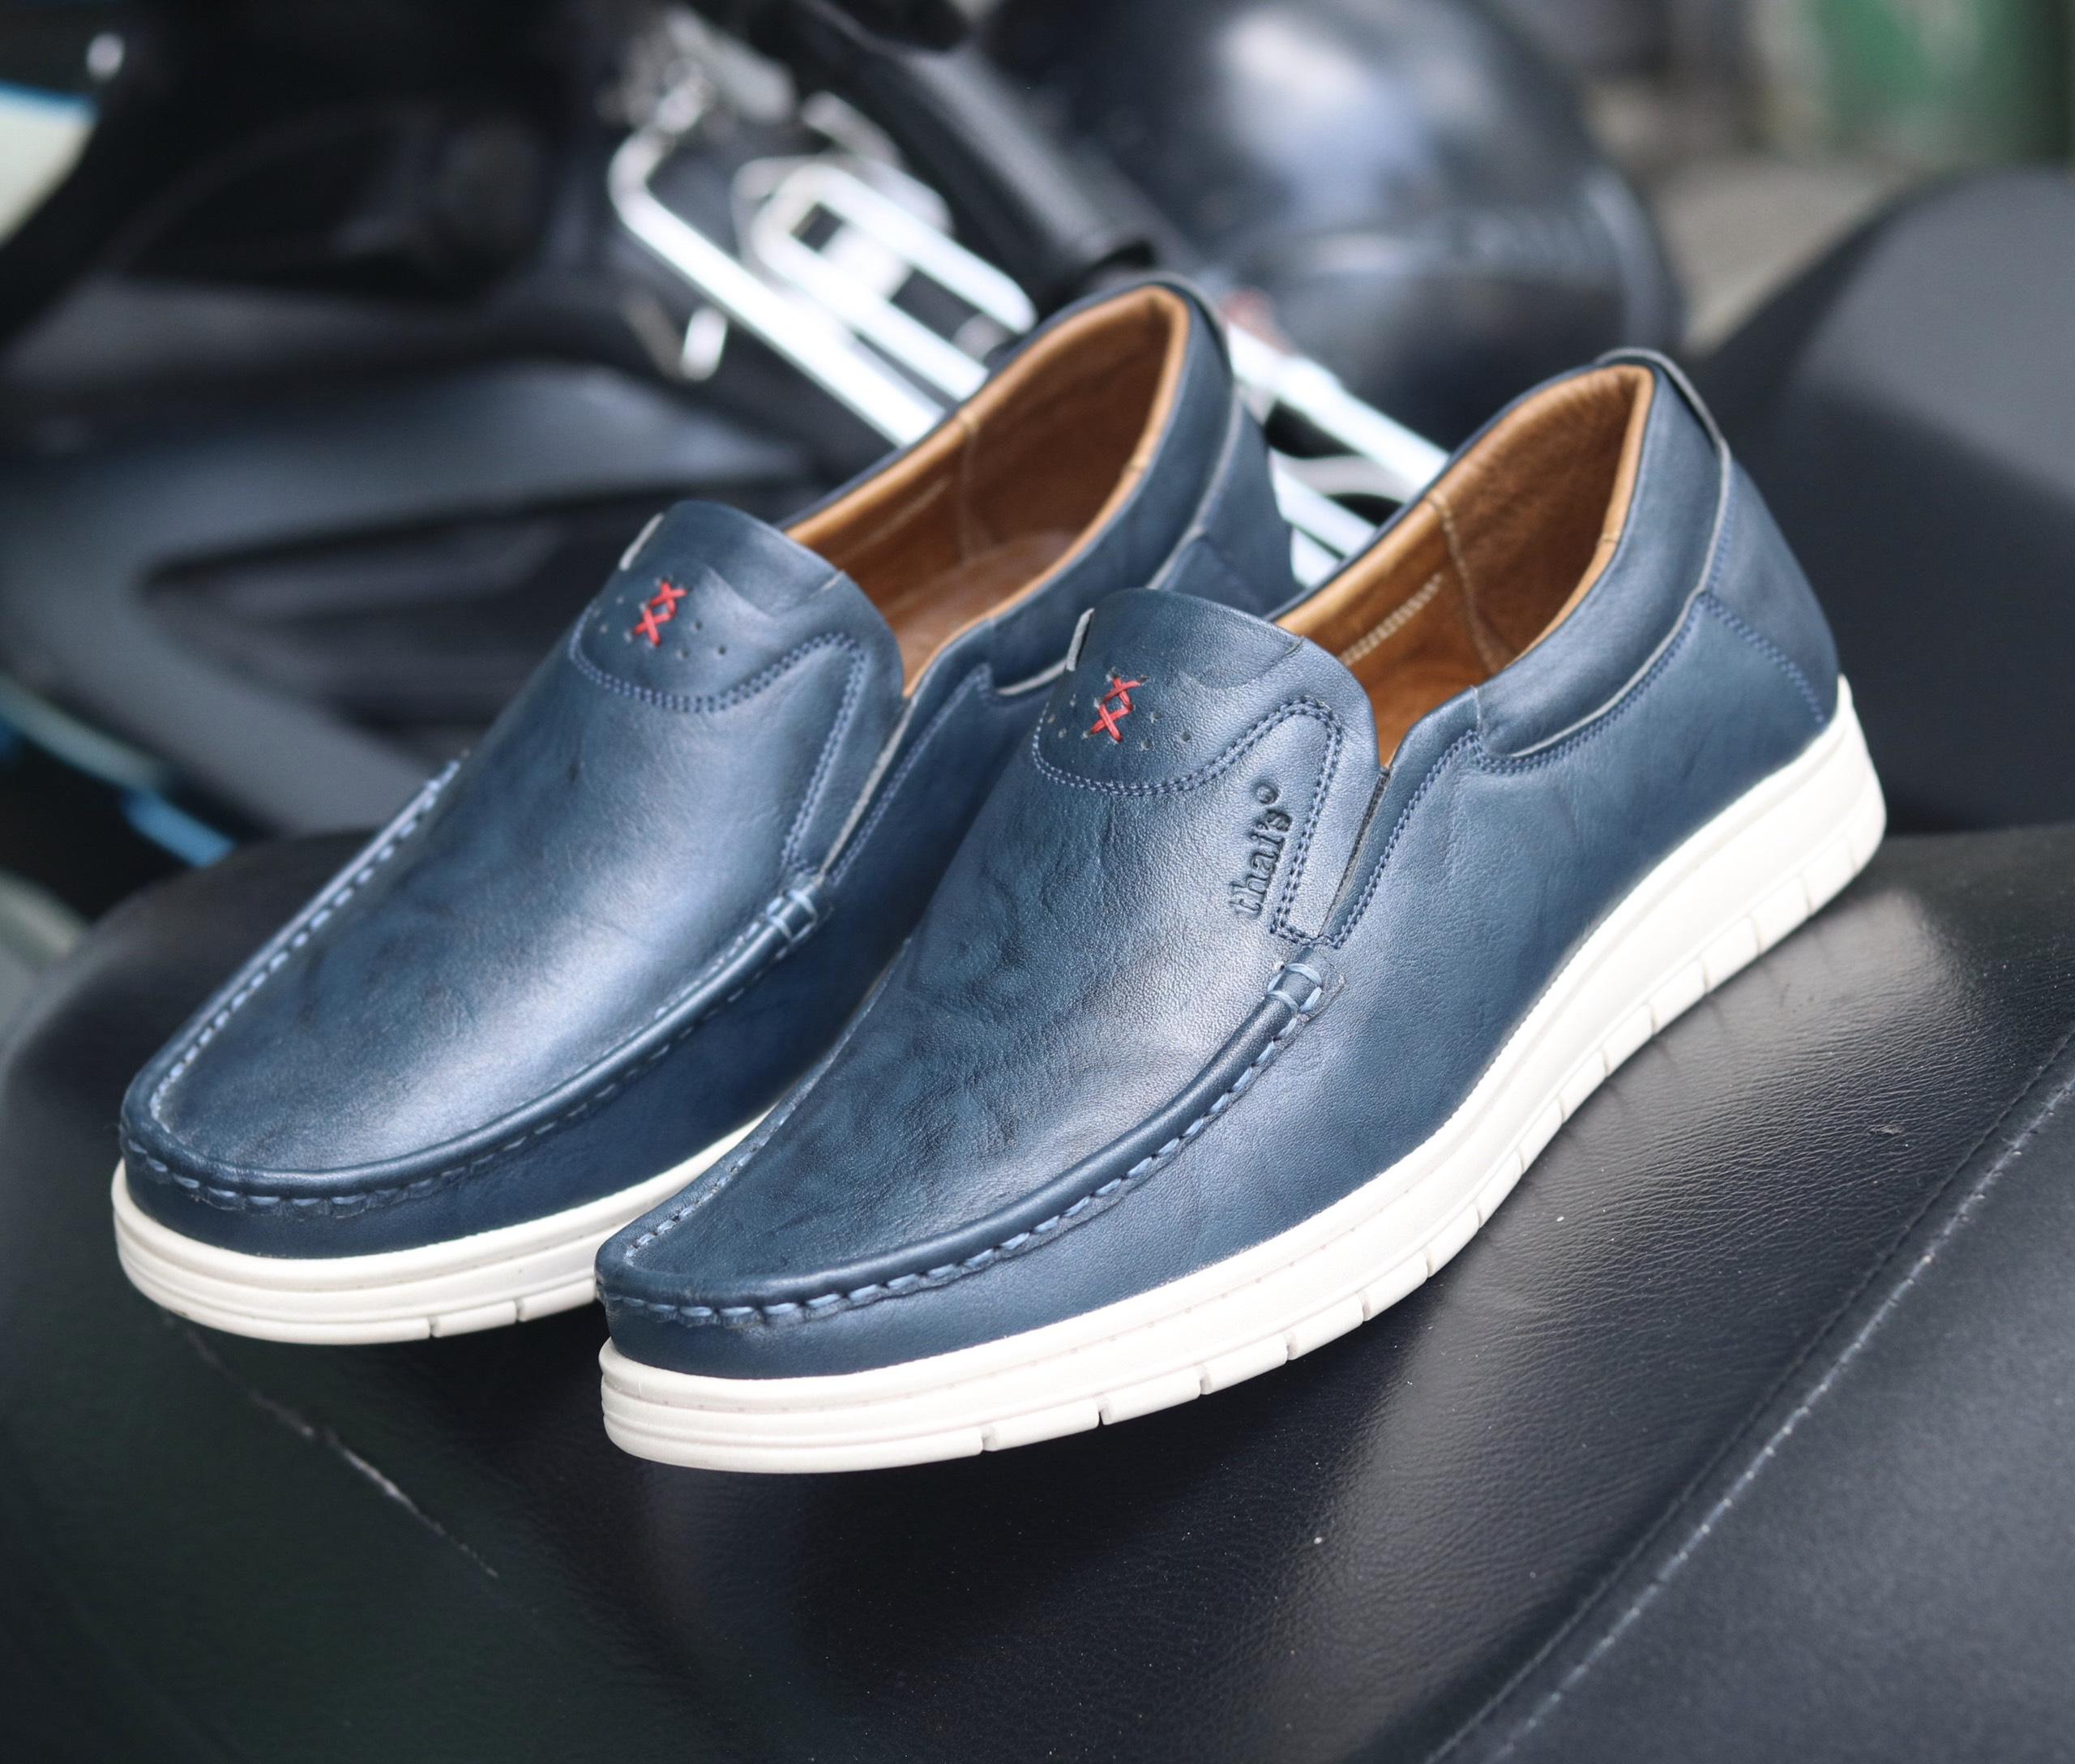 Giày lười da Thái Lan đẹp sang trọng TH04 (Ảnh 6)